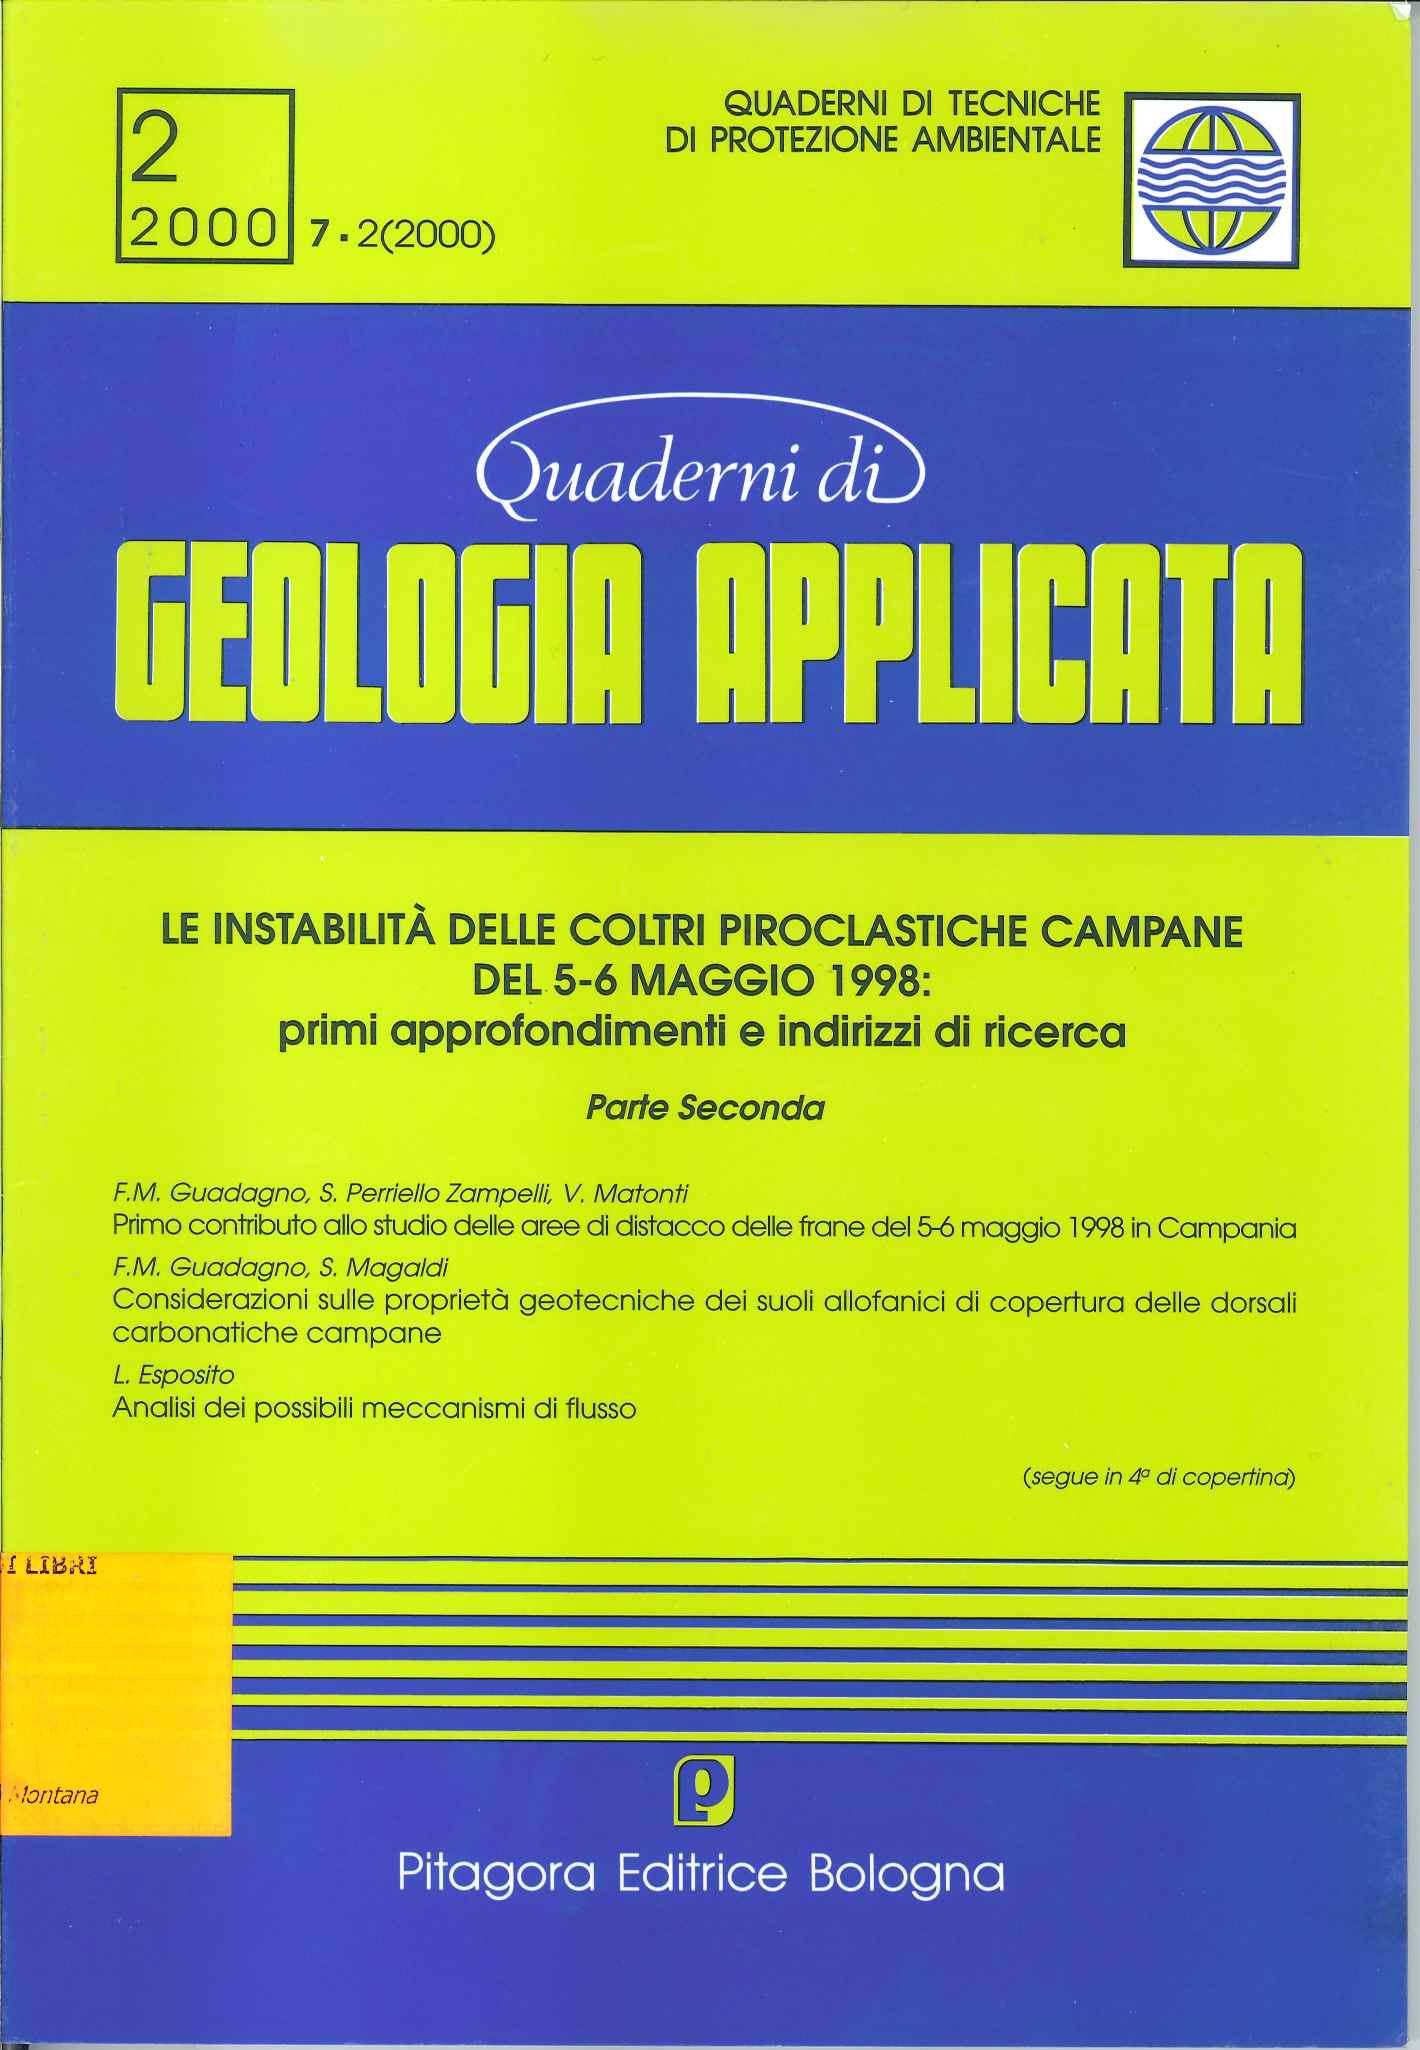 Problematiche idrogeologiche connesse con i fenomeni di instabilita delle coltri piroclastiche della dorsale di Pizzo d'Alvano, Campania